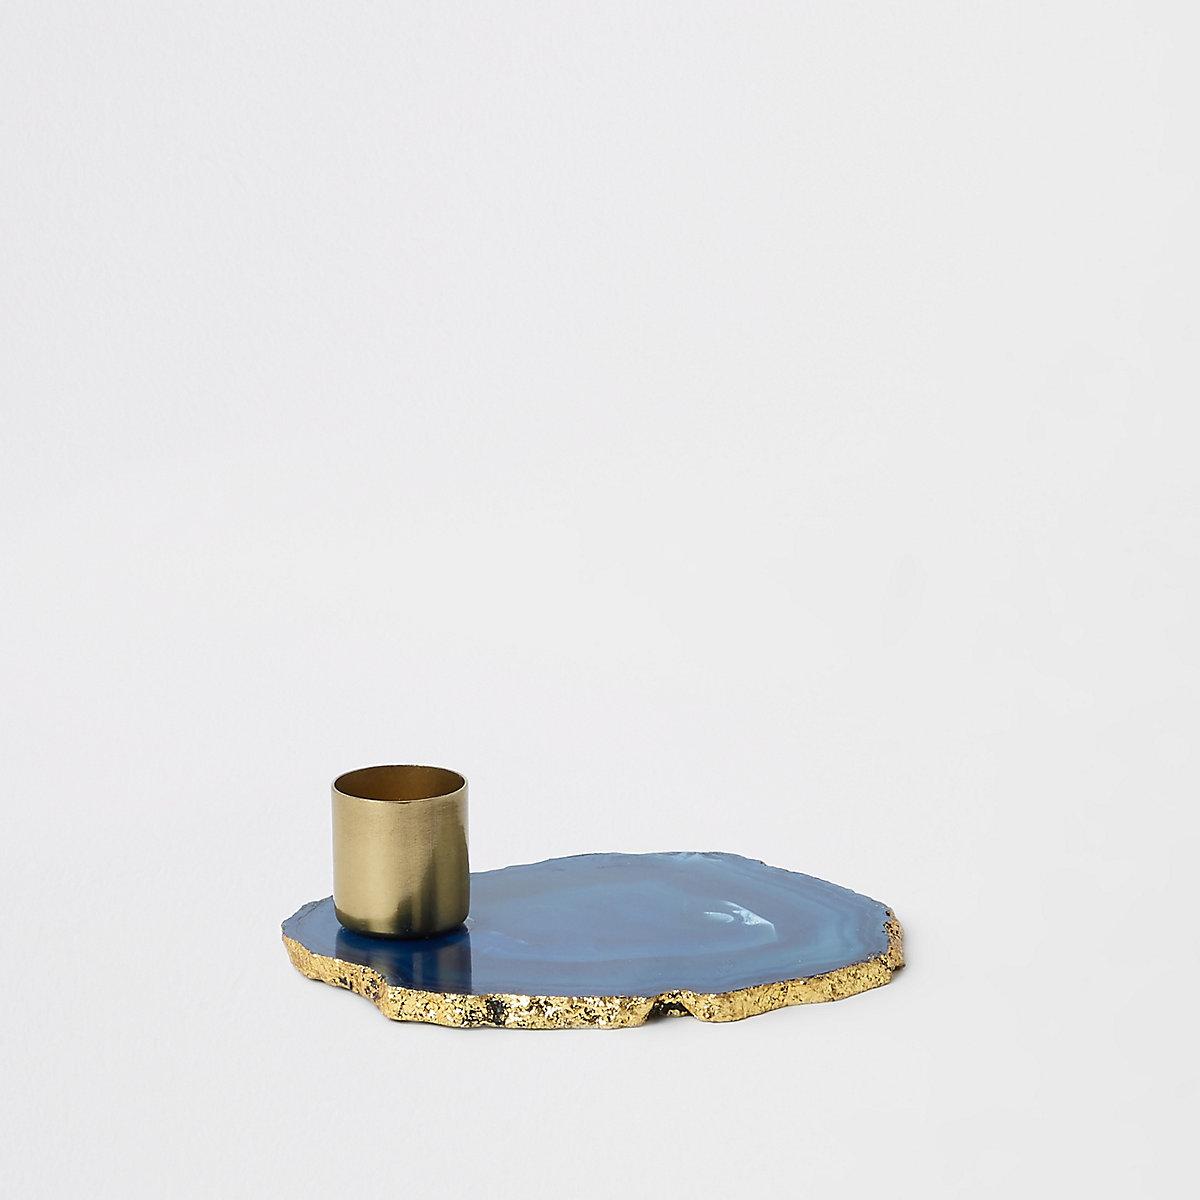 Bougeoir agate bleu